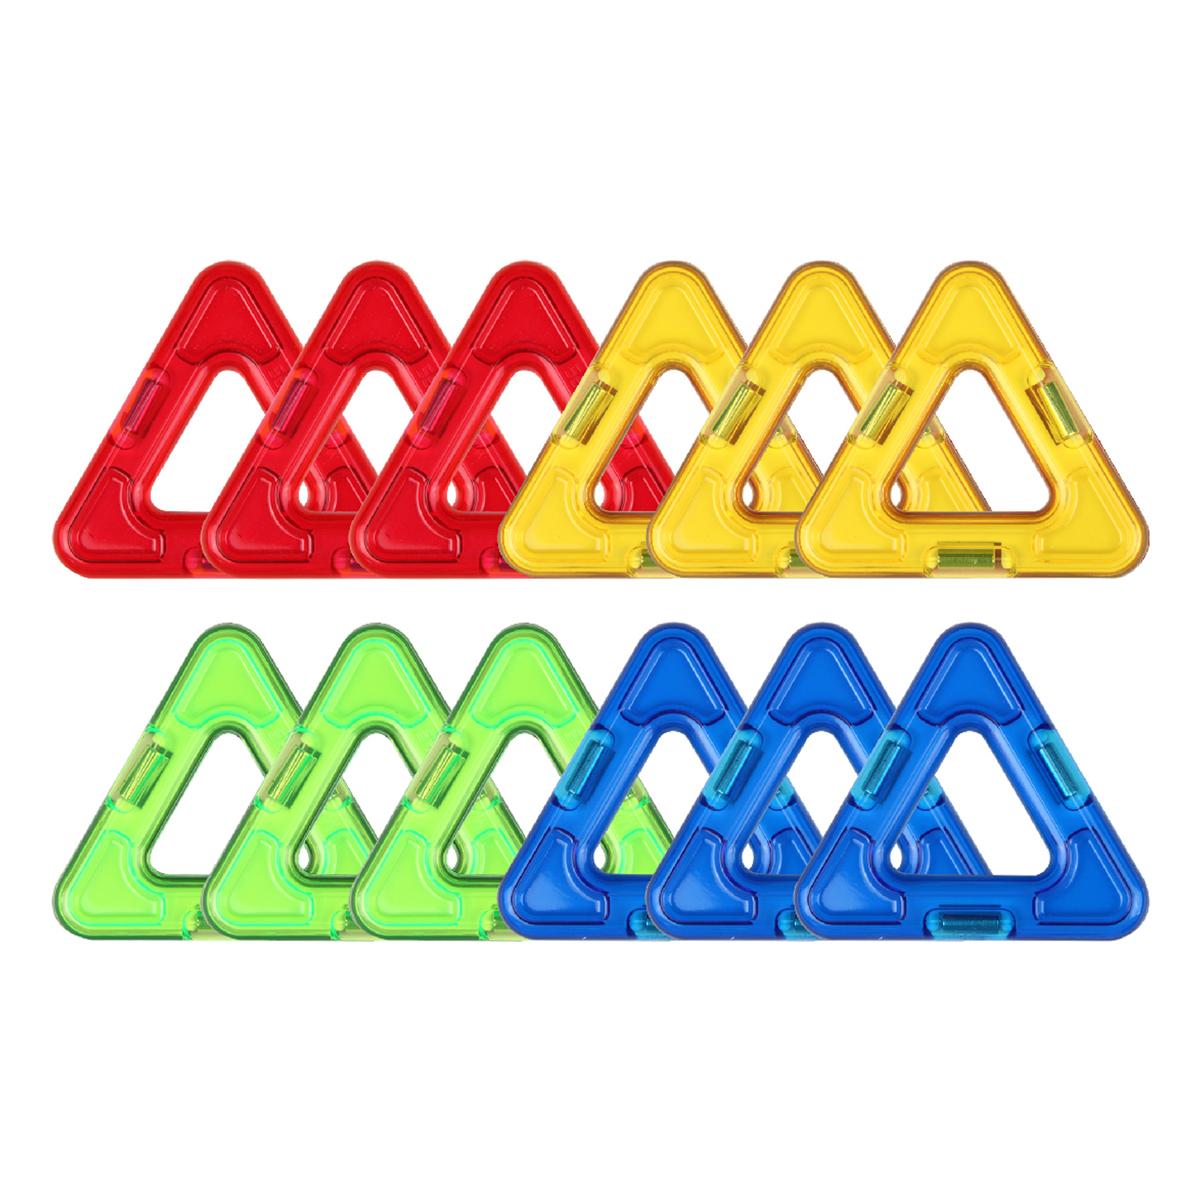 【再入荷時期未定】マグ・フォーマー正三角形12ピース